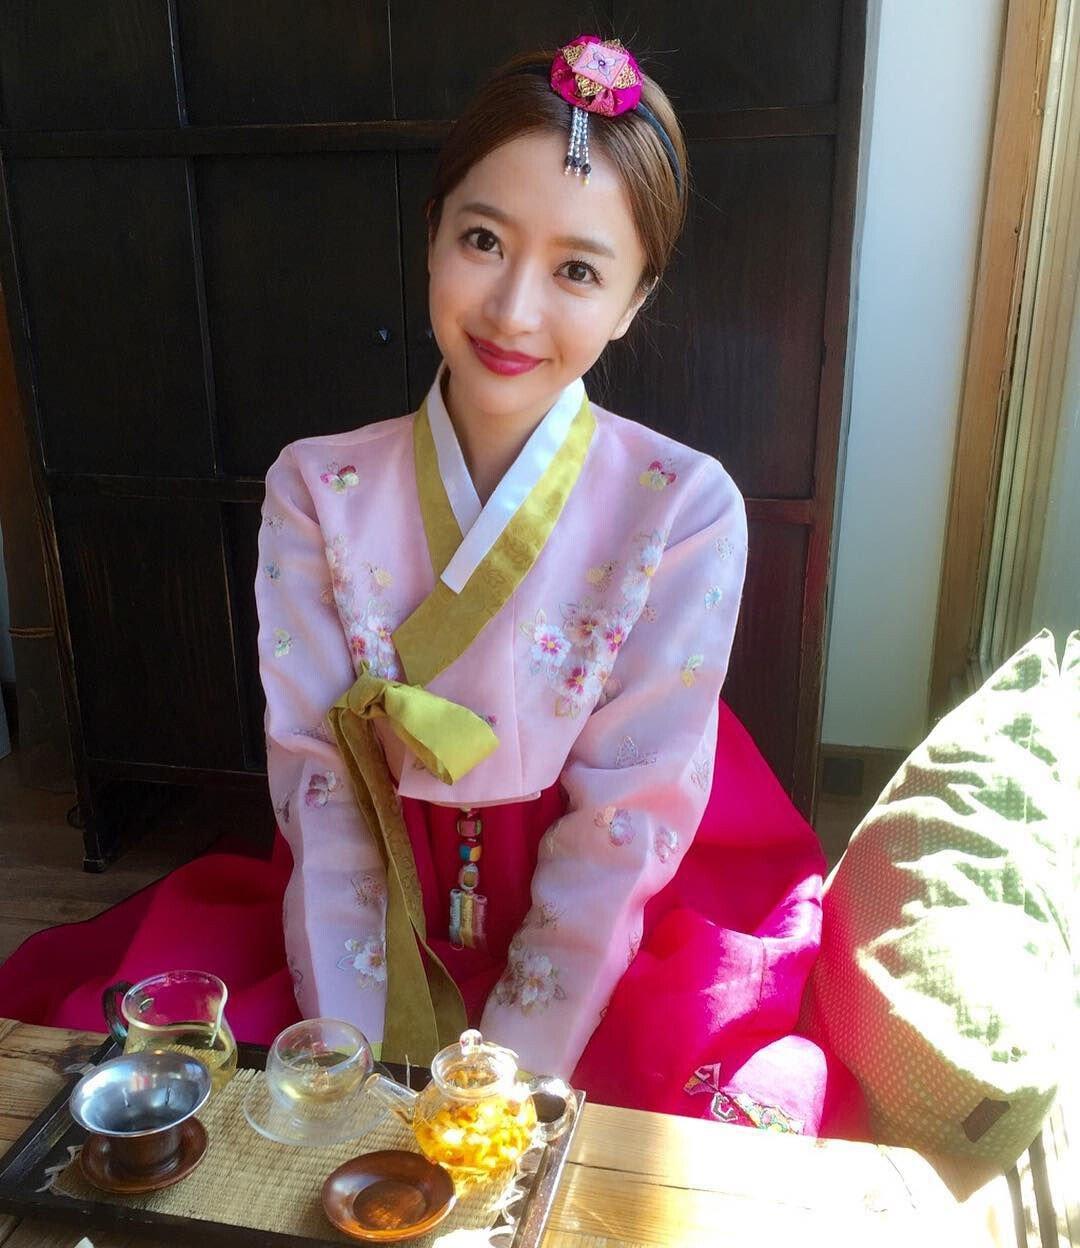 한국을 매우 사랑한다는 일본 누나 - 짤티비